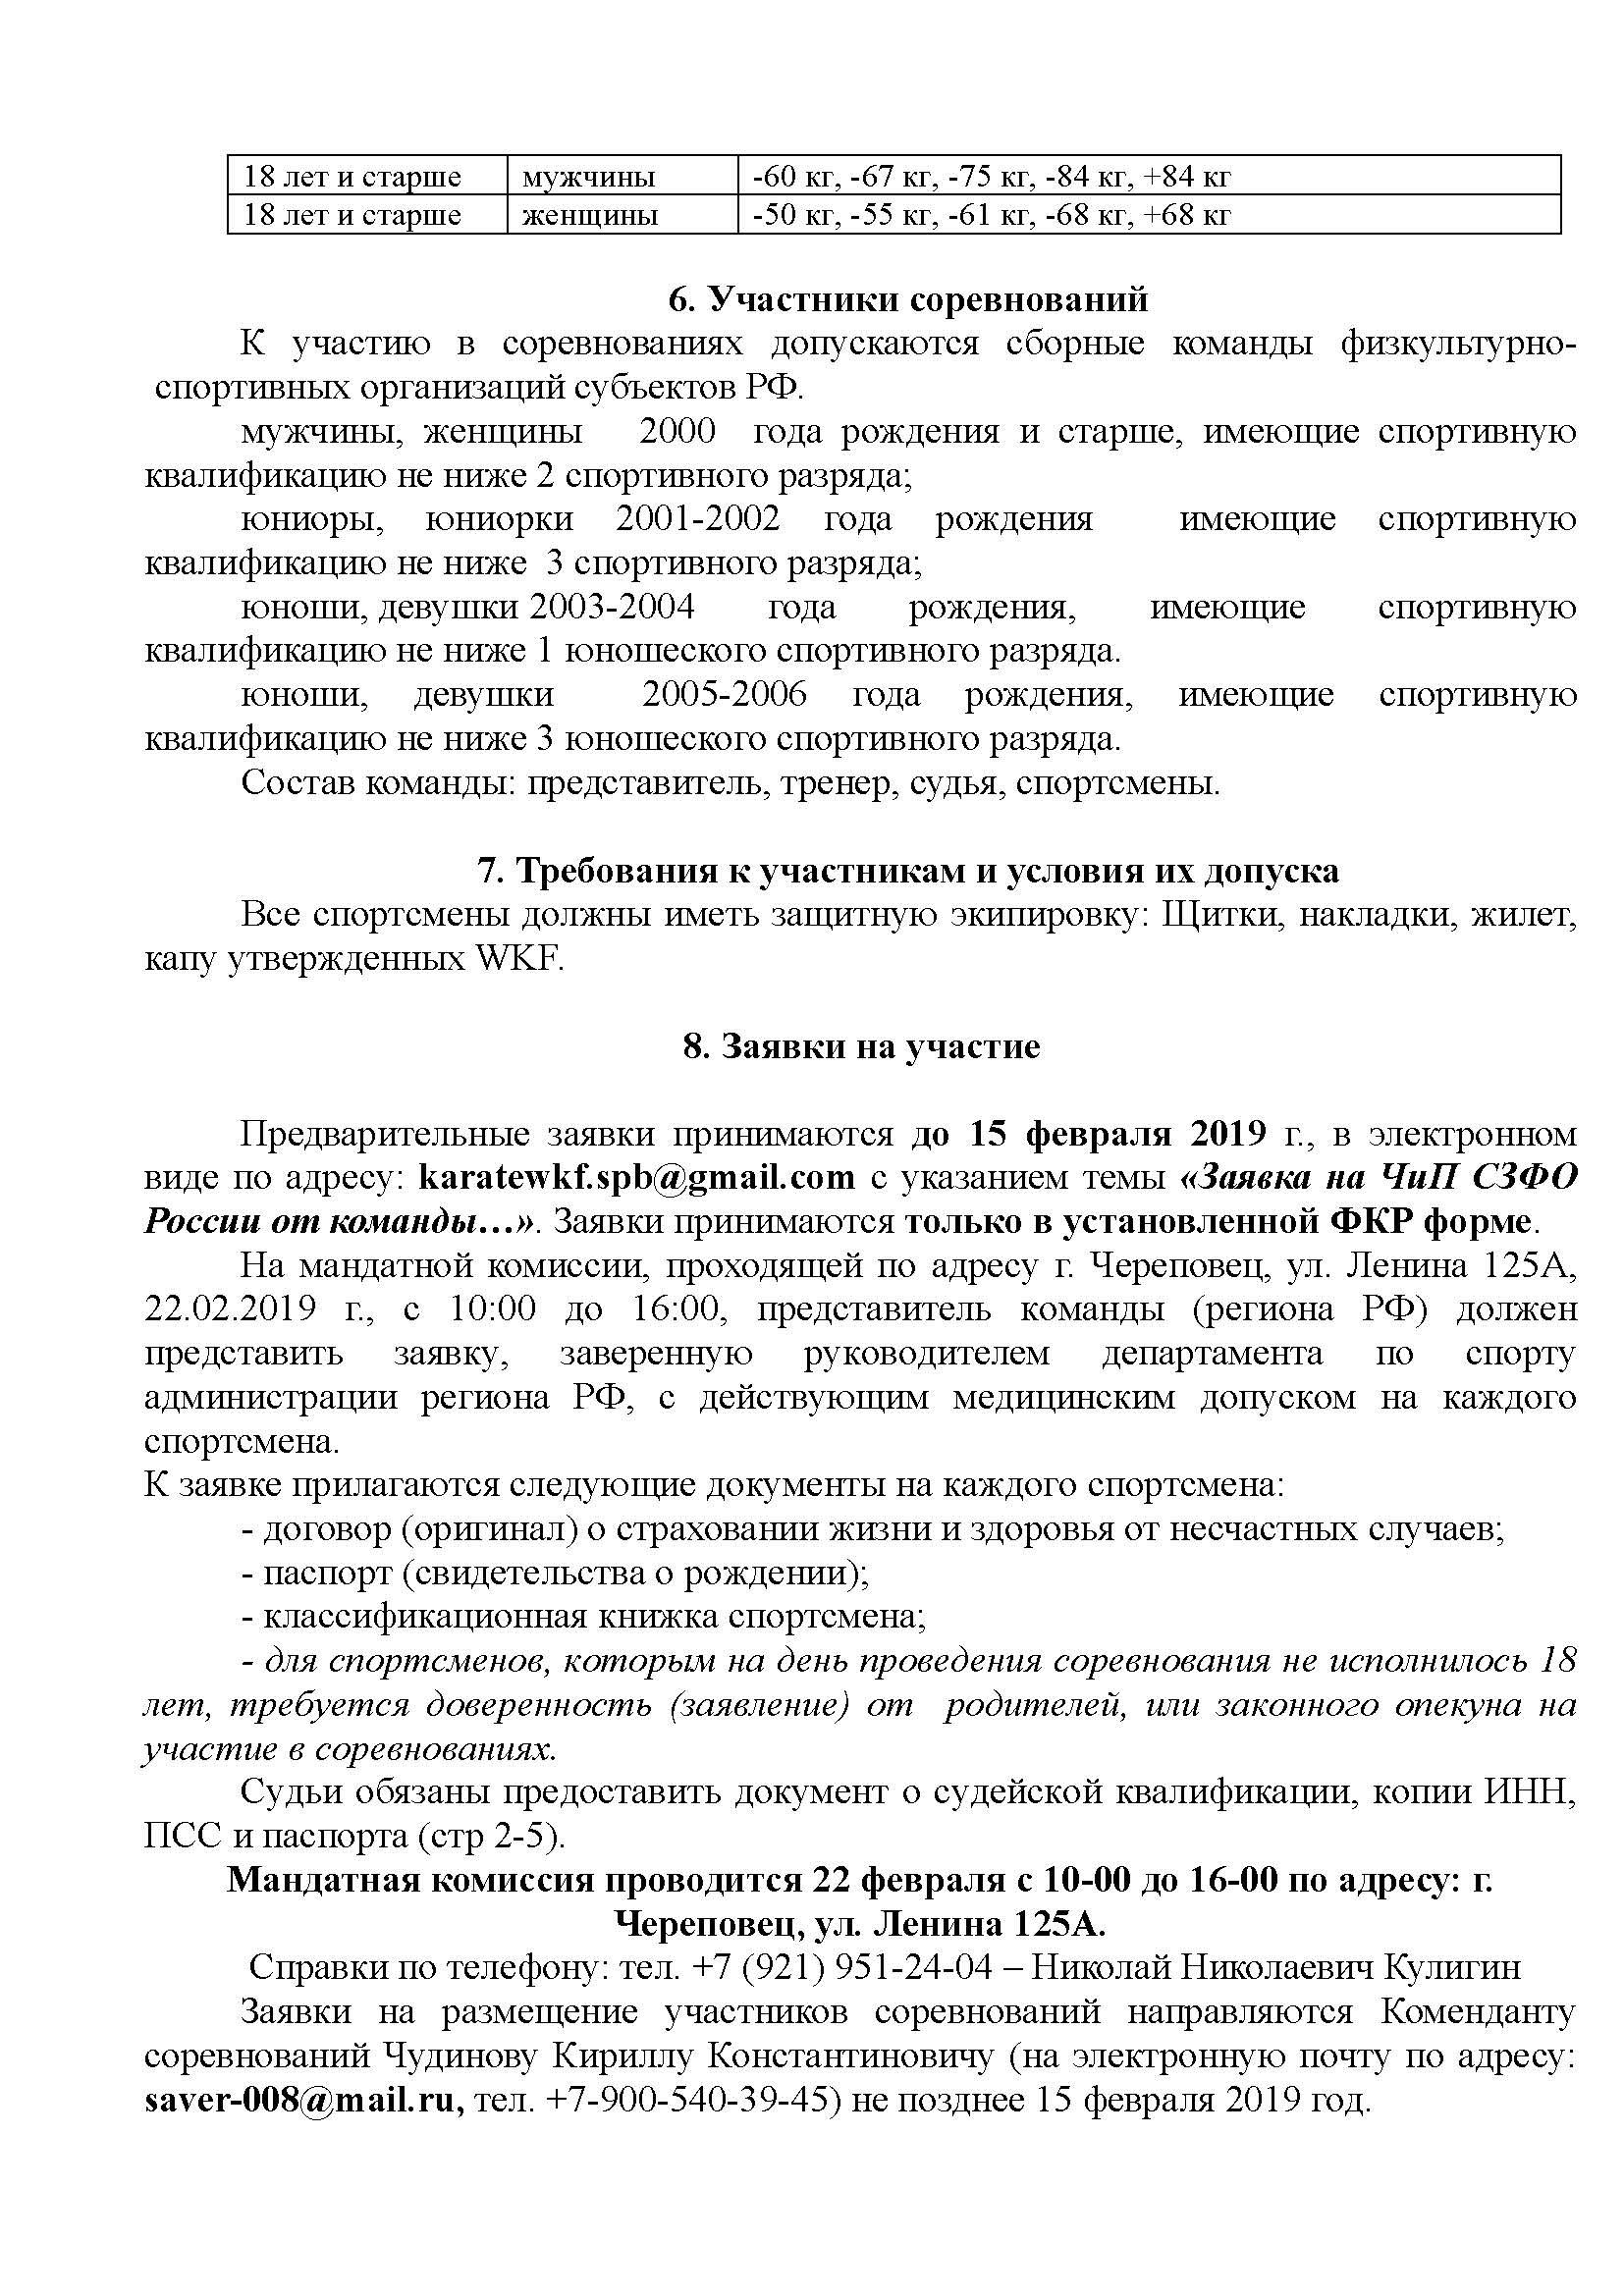 СЗФО-2019_001-OF_Страница_4